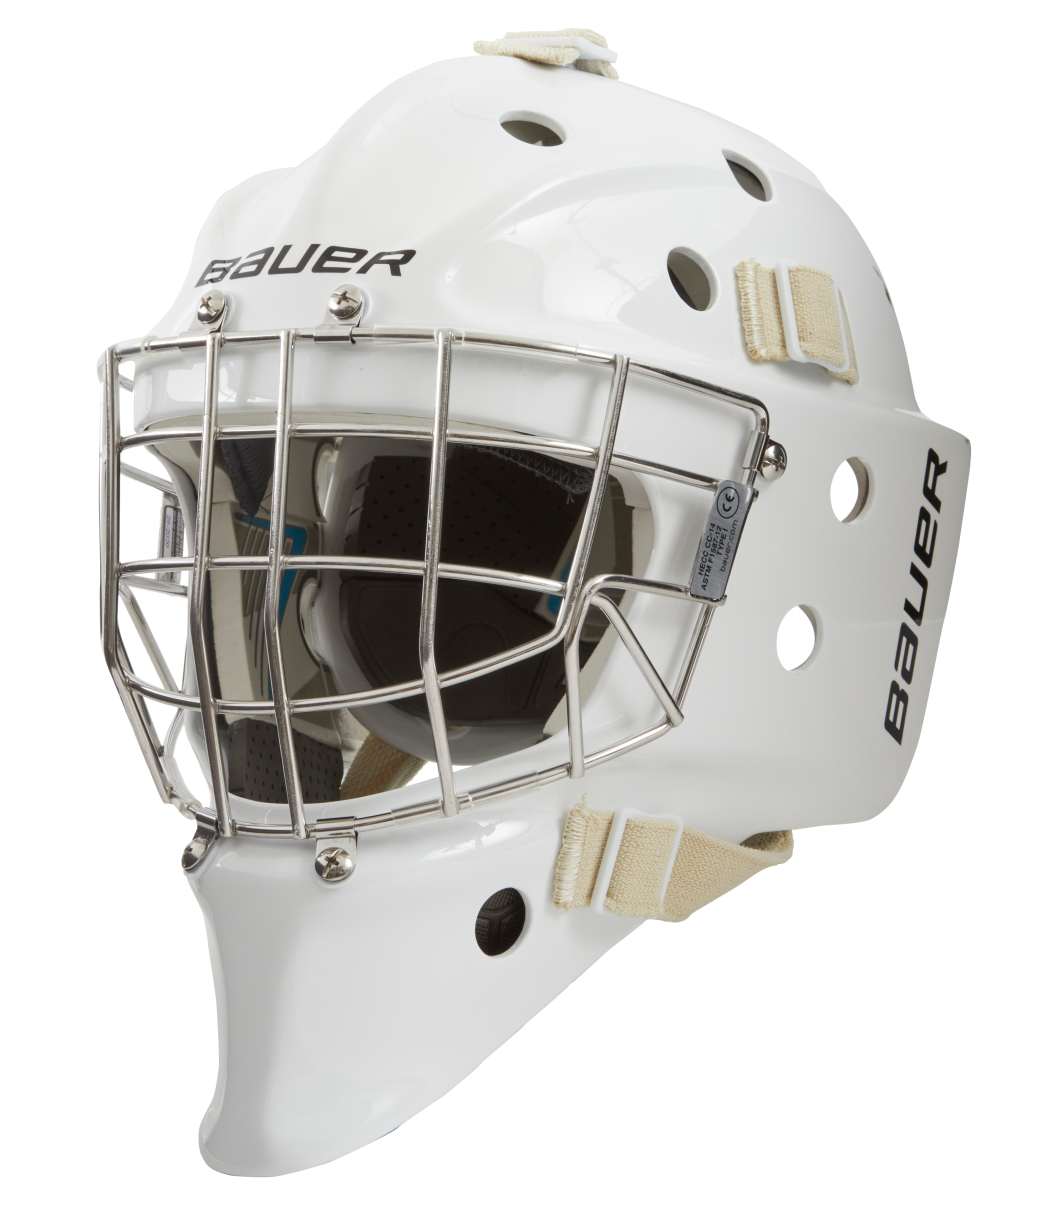 Maska Bauer 950 21